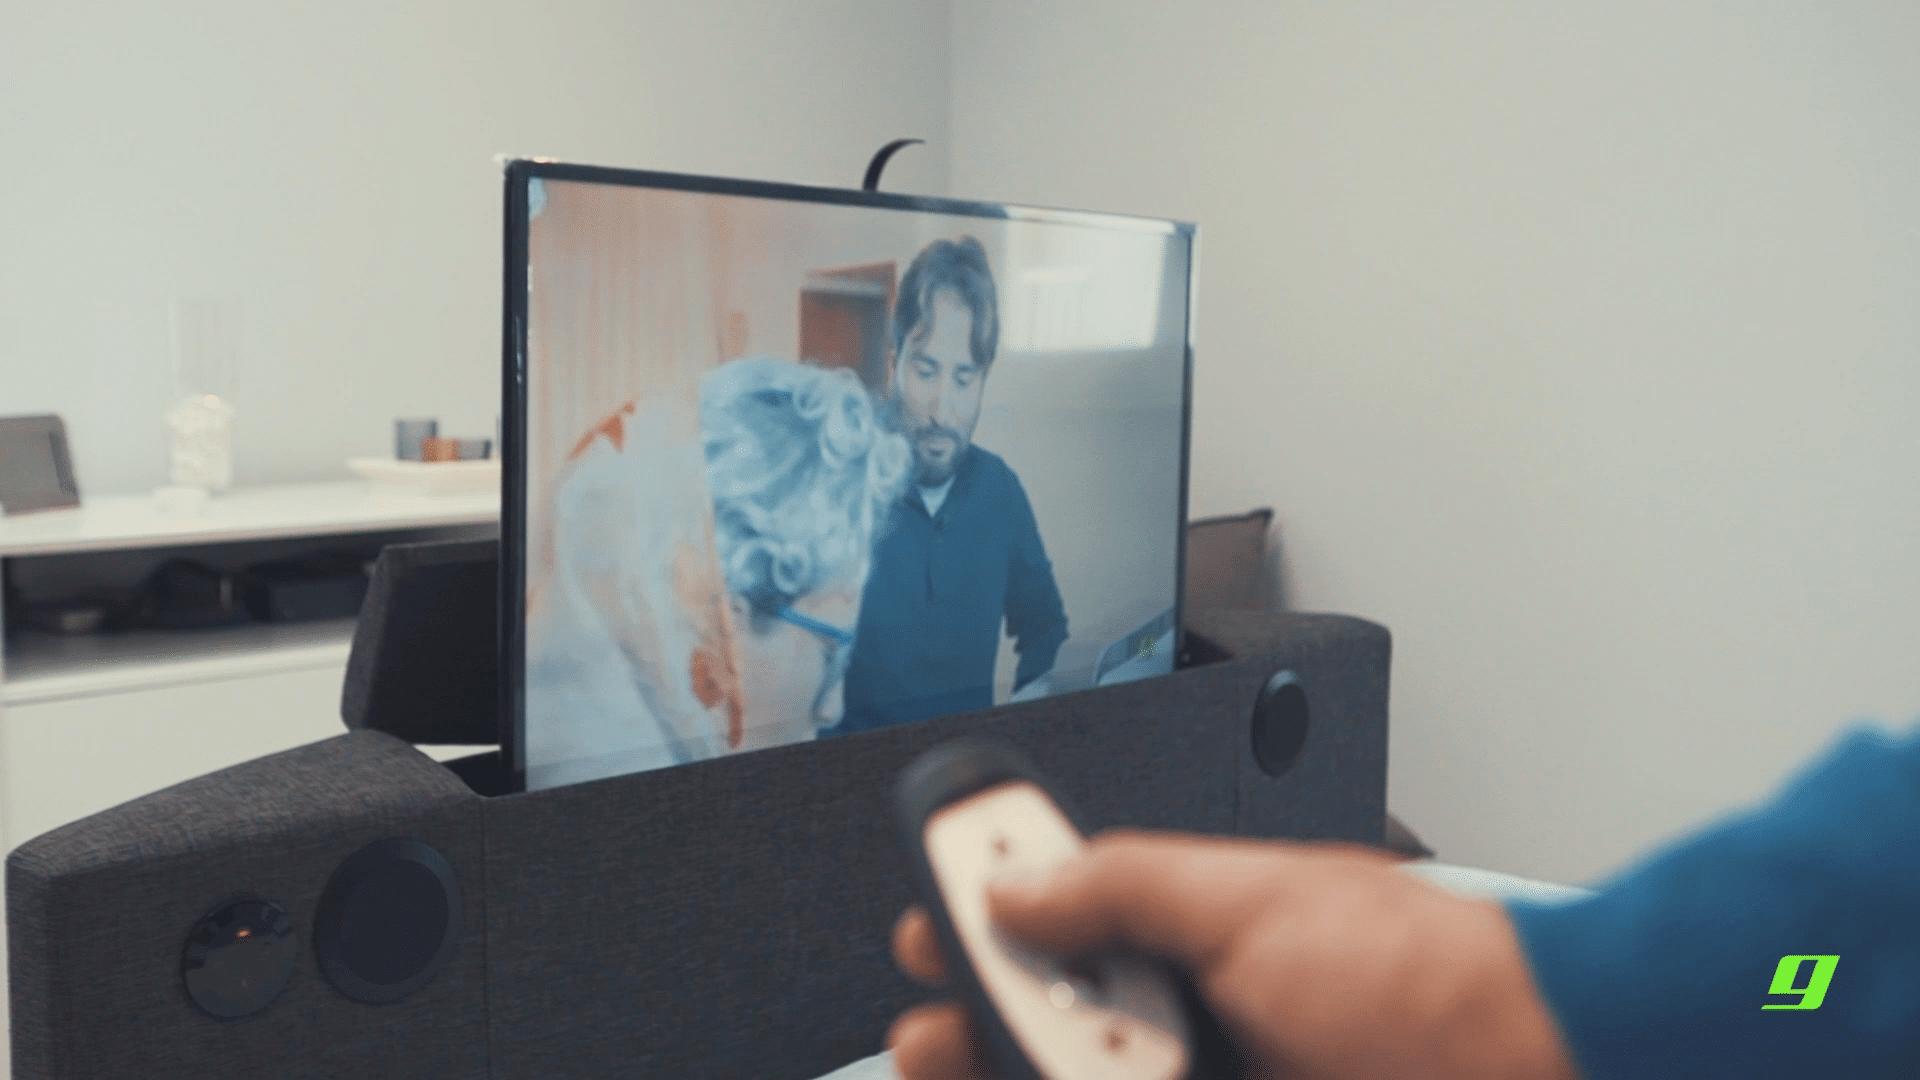 TV Extending